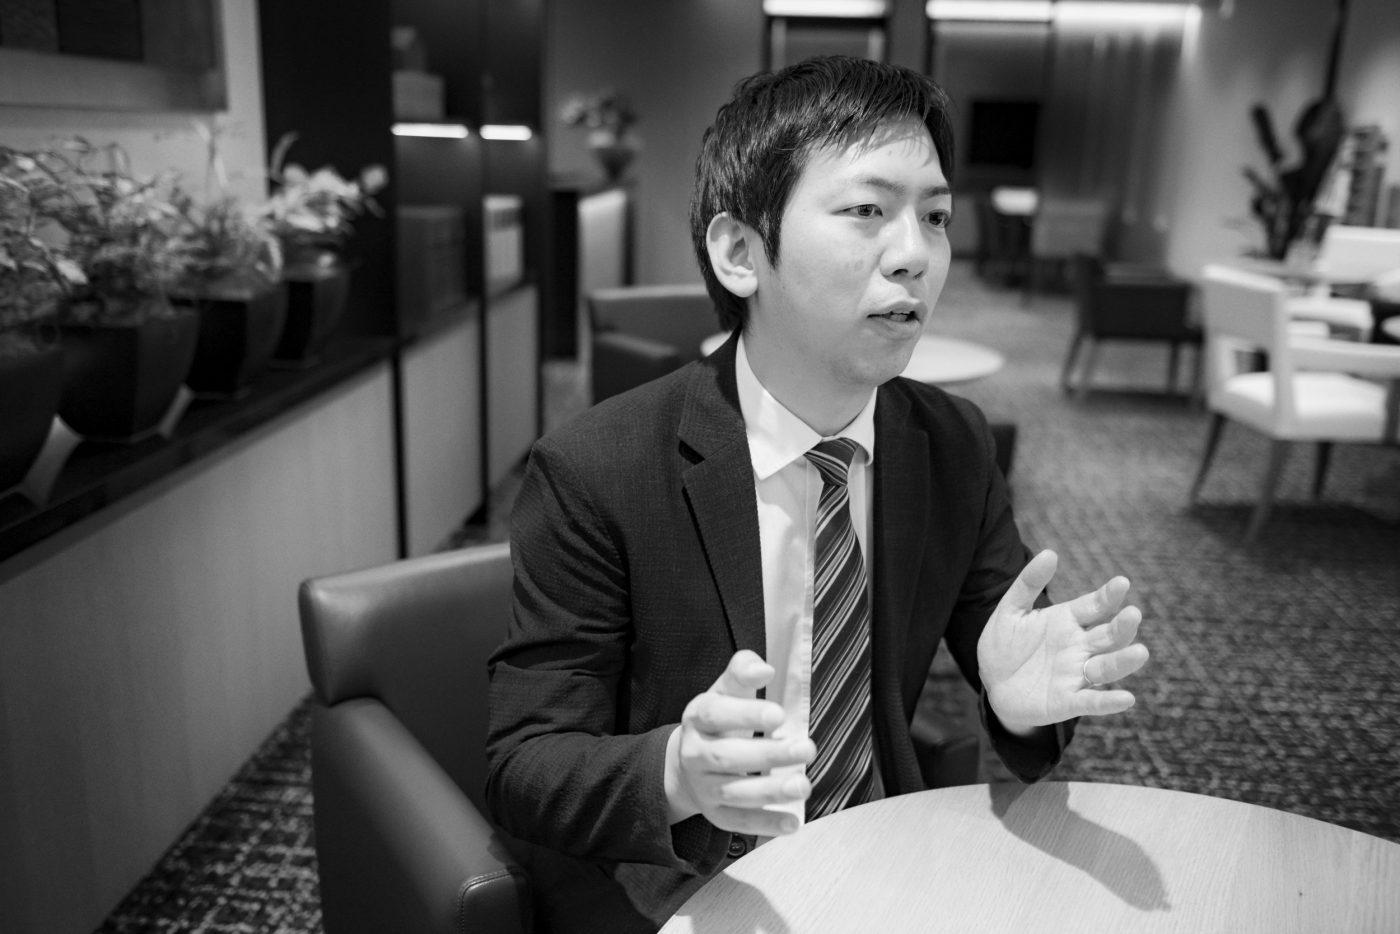 【インタビュー】医療系企業カオスマップからみる医療ベンチャーの事業機会。加藤浩晃(第3回)